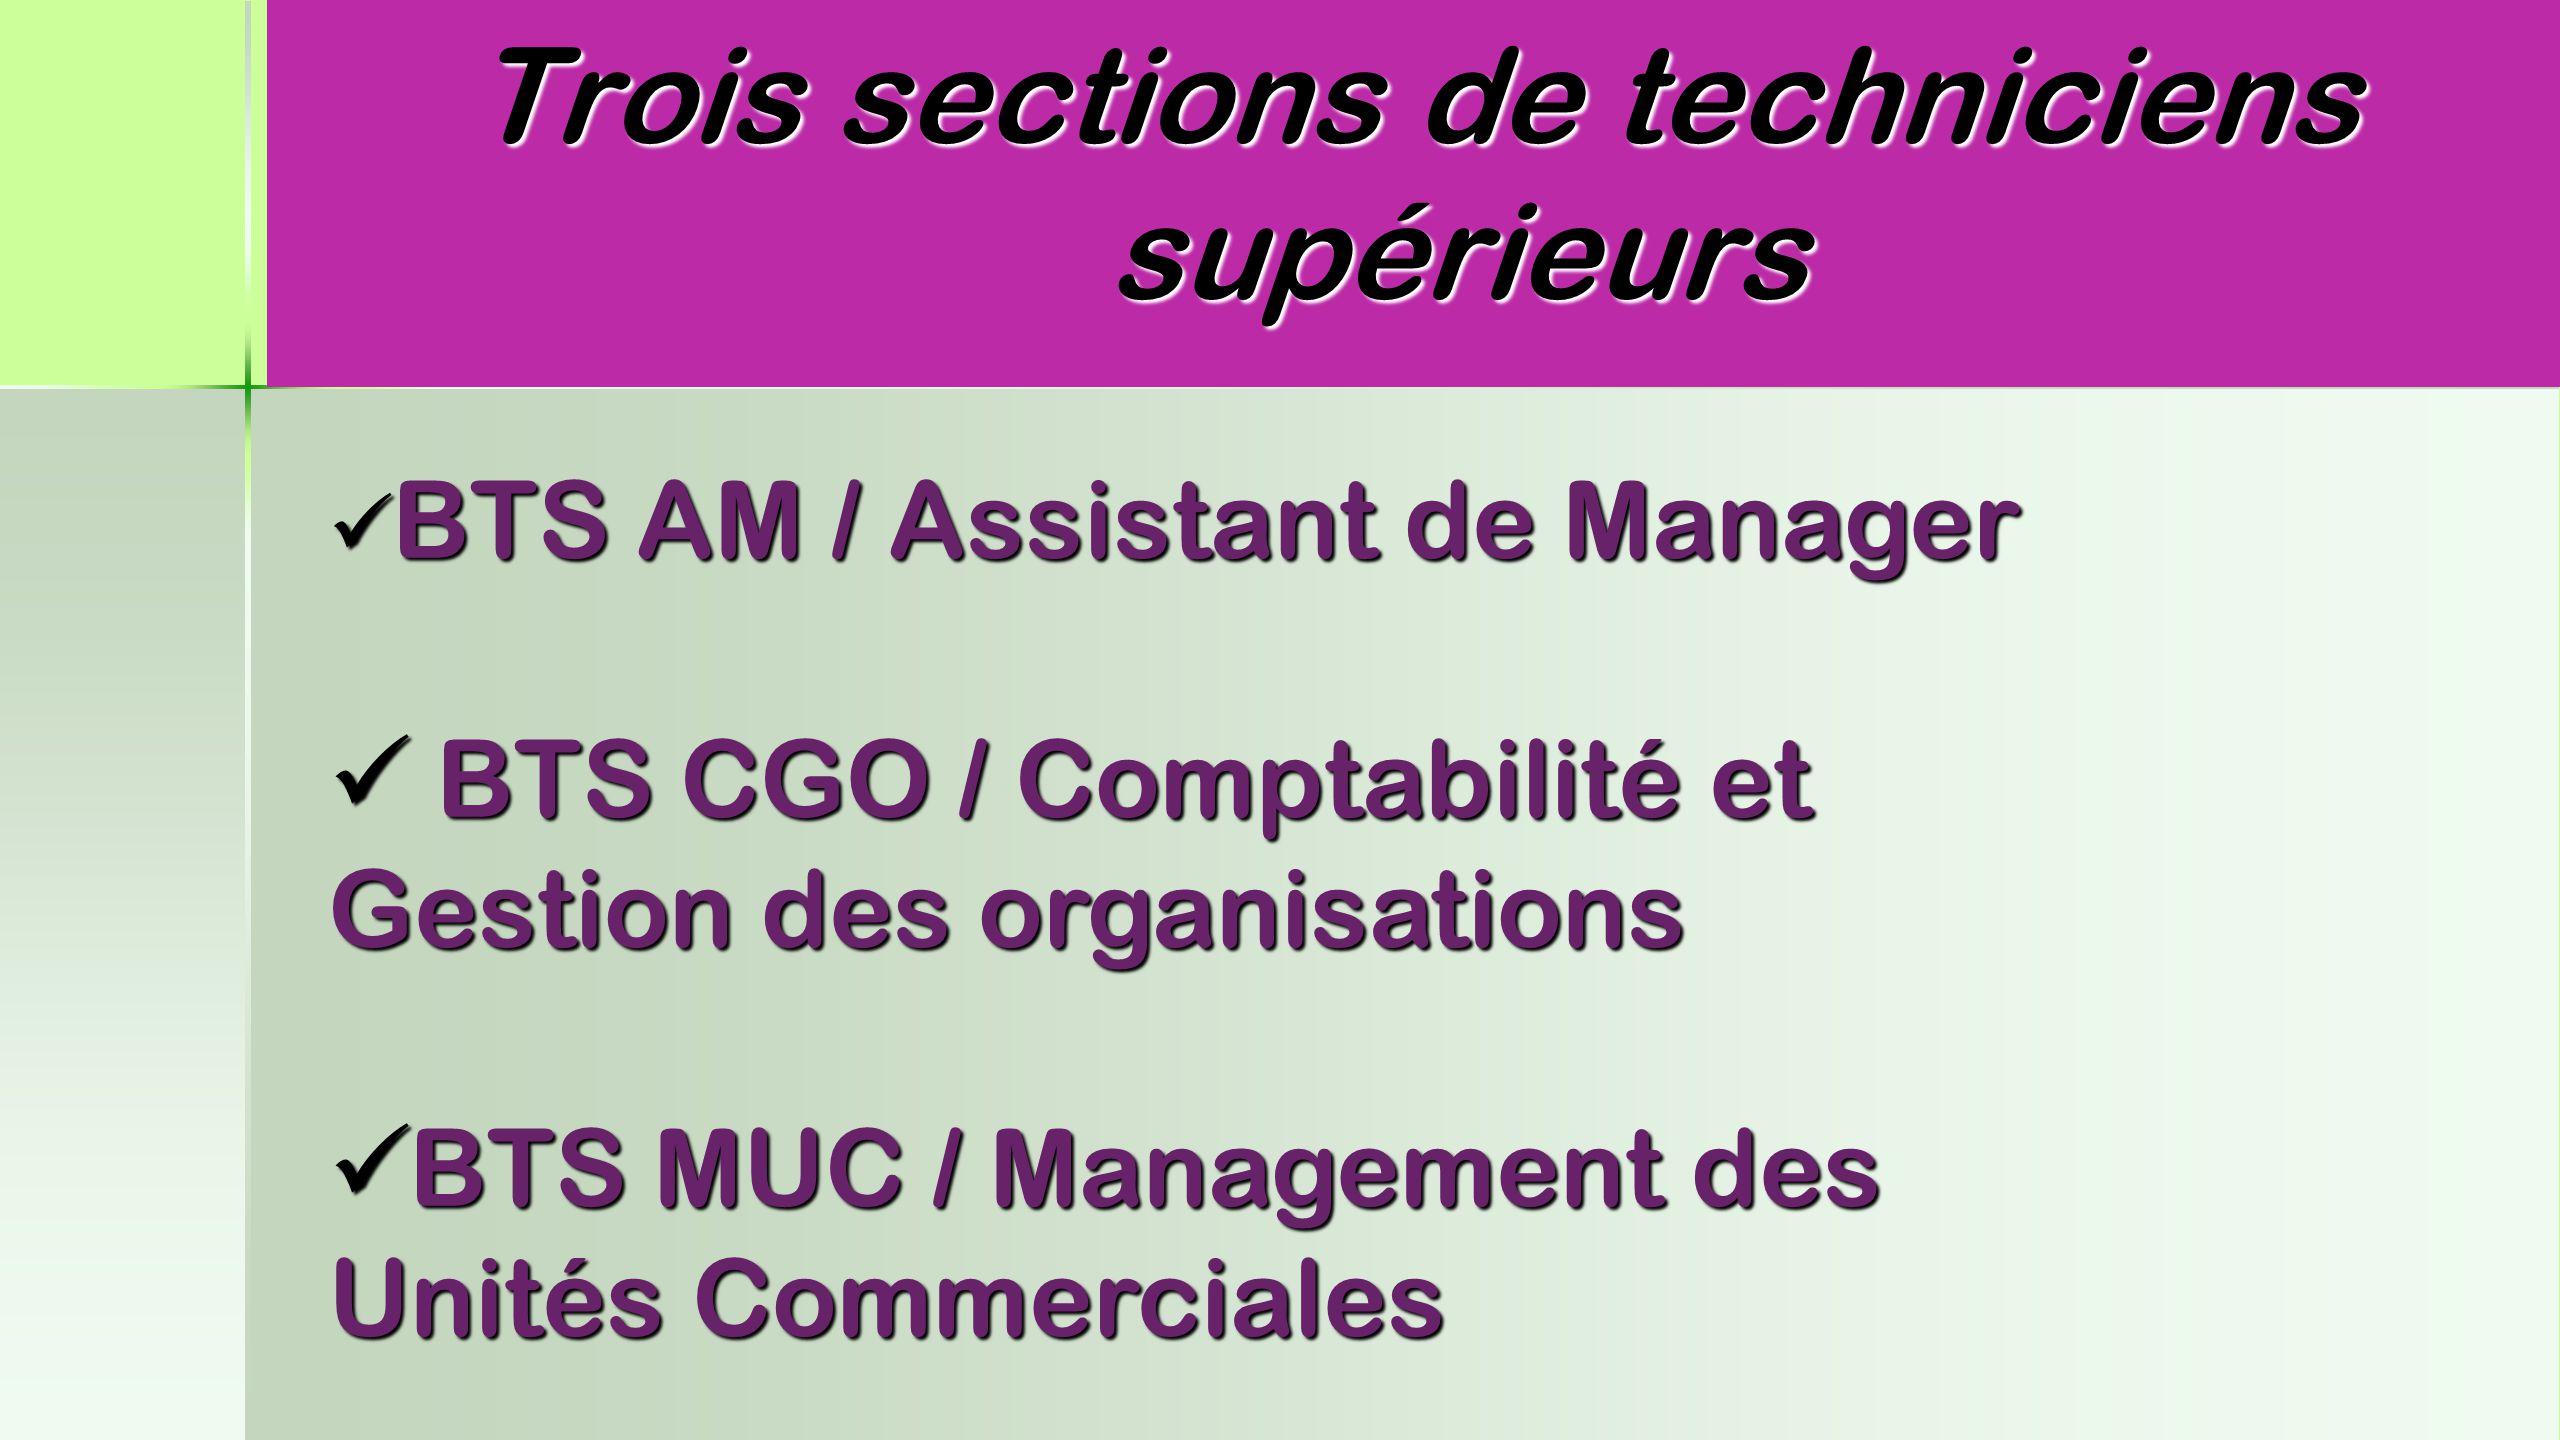 Trois sections de techniciens supérieurs BTS AM / Assistant de Manager BTS AM / Assistant de Manager BTS CGO / Comptabilité et Gestion des organisatio